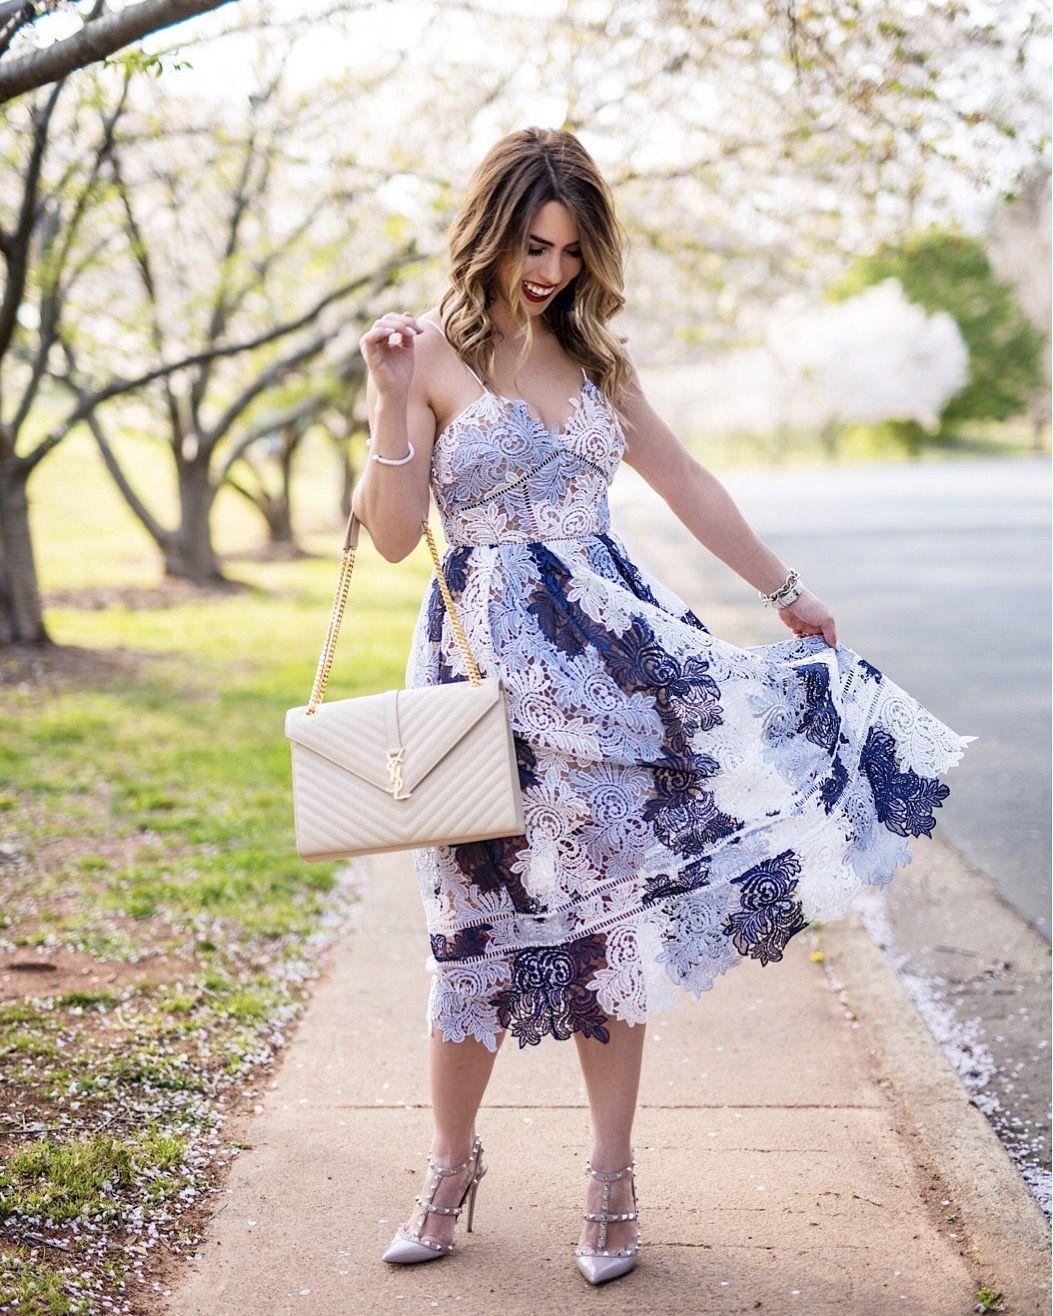 dd9354416c58a Tulum Mexico Dresses Fashion Dresses - ViewInvite.CO